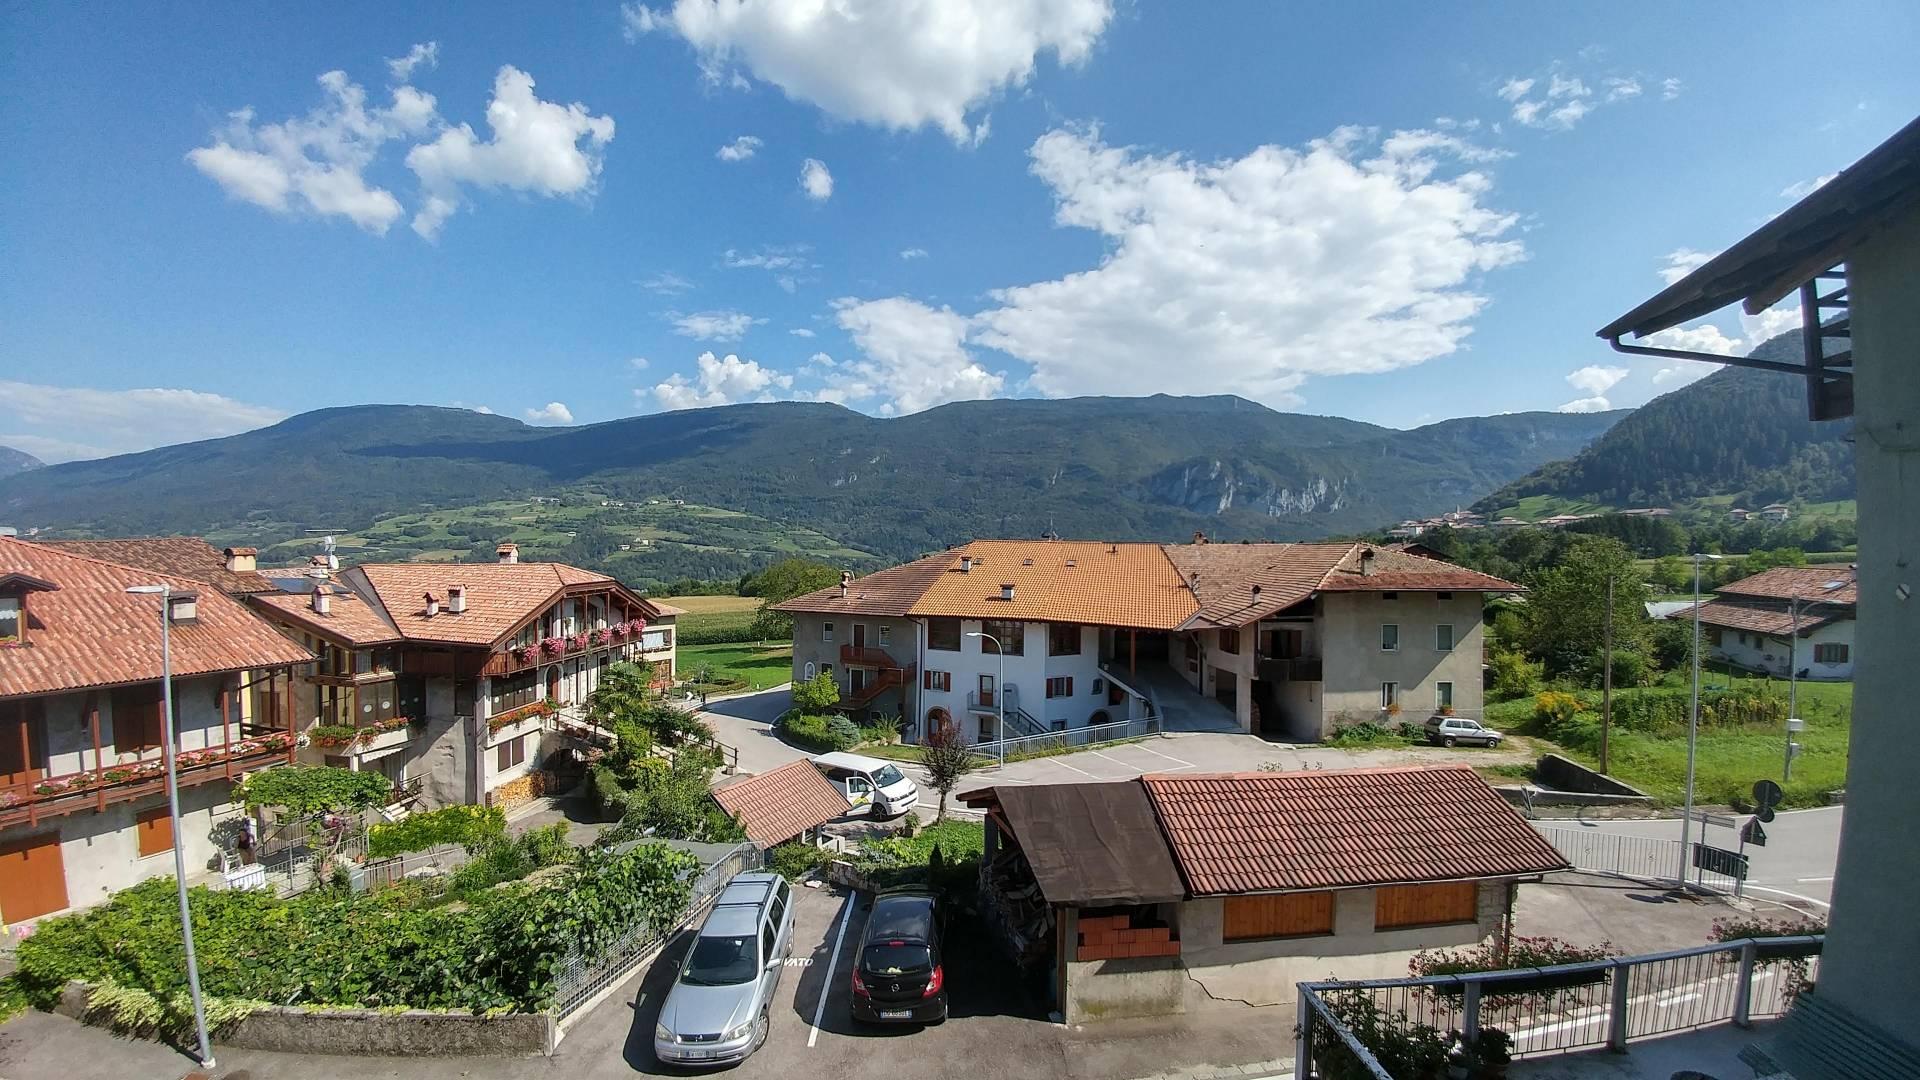 Appartamento in vendita a Fiavè, 4 locali, zona Zona: Stumiàga, prezzo € 110.000 | CambioCasa.it